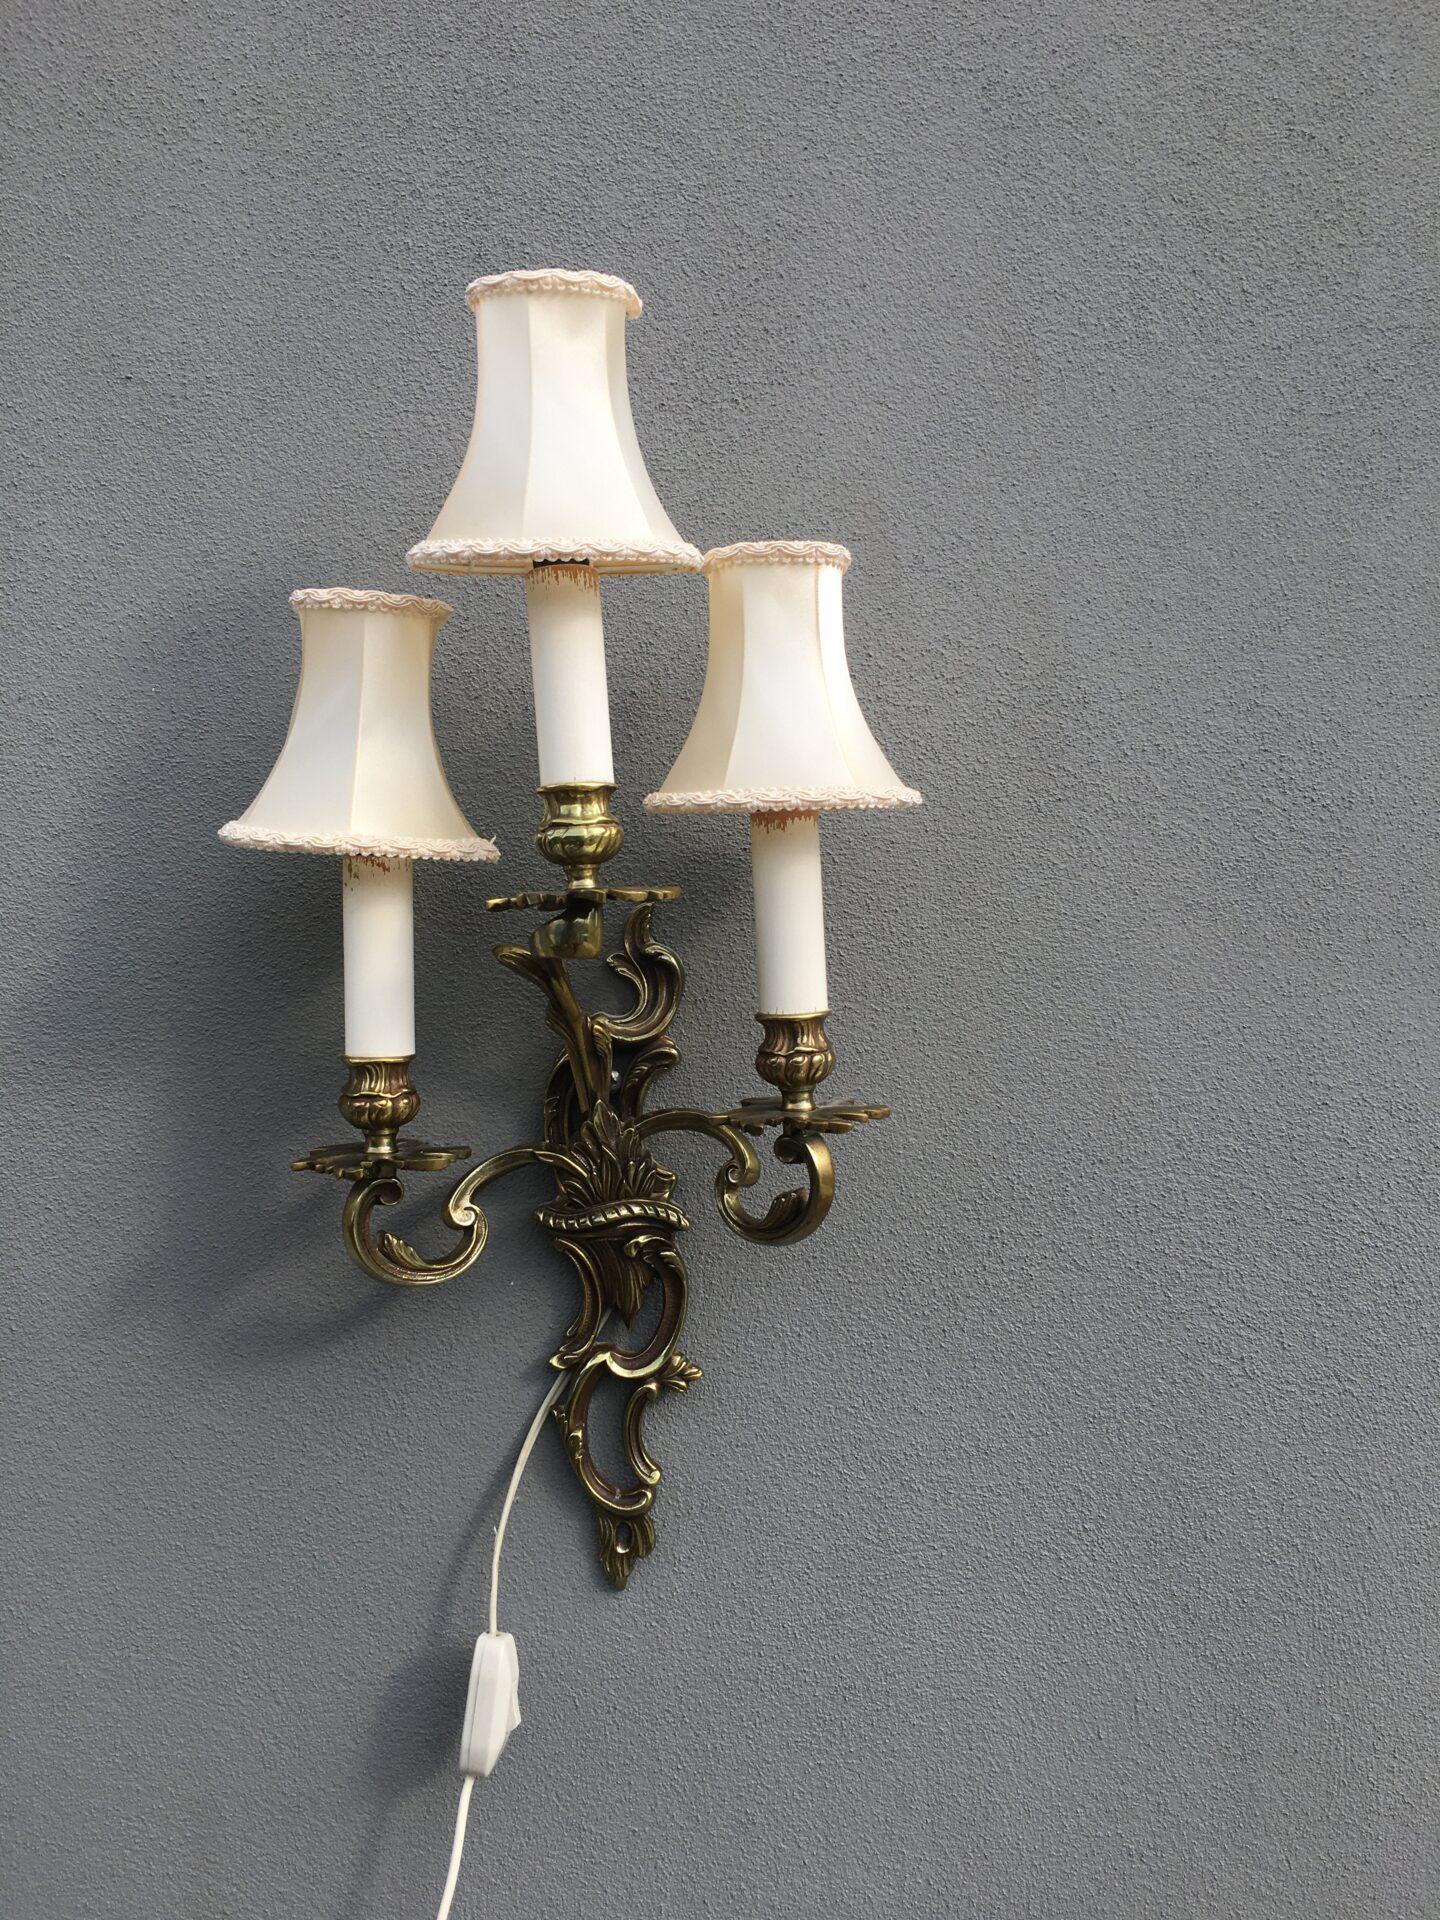 Væglampet, bronze, velholdt, pris 300kr